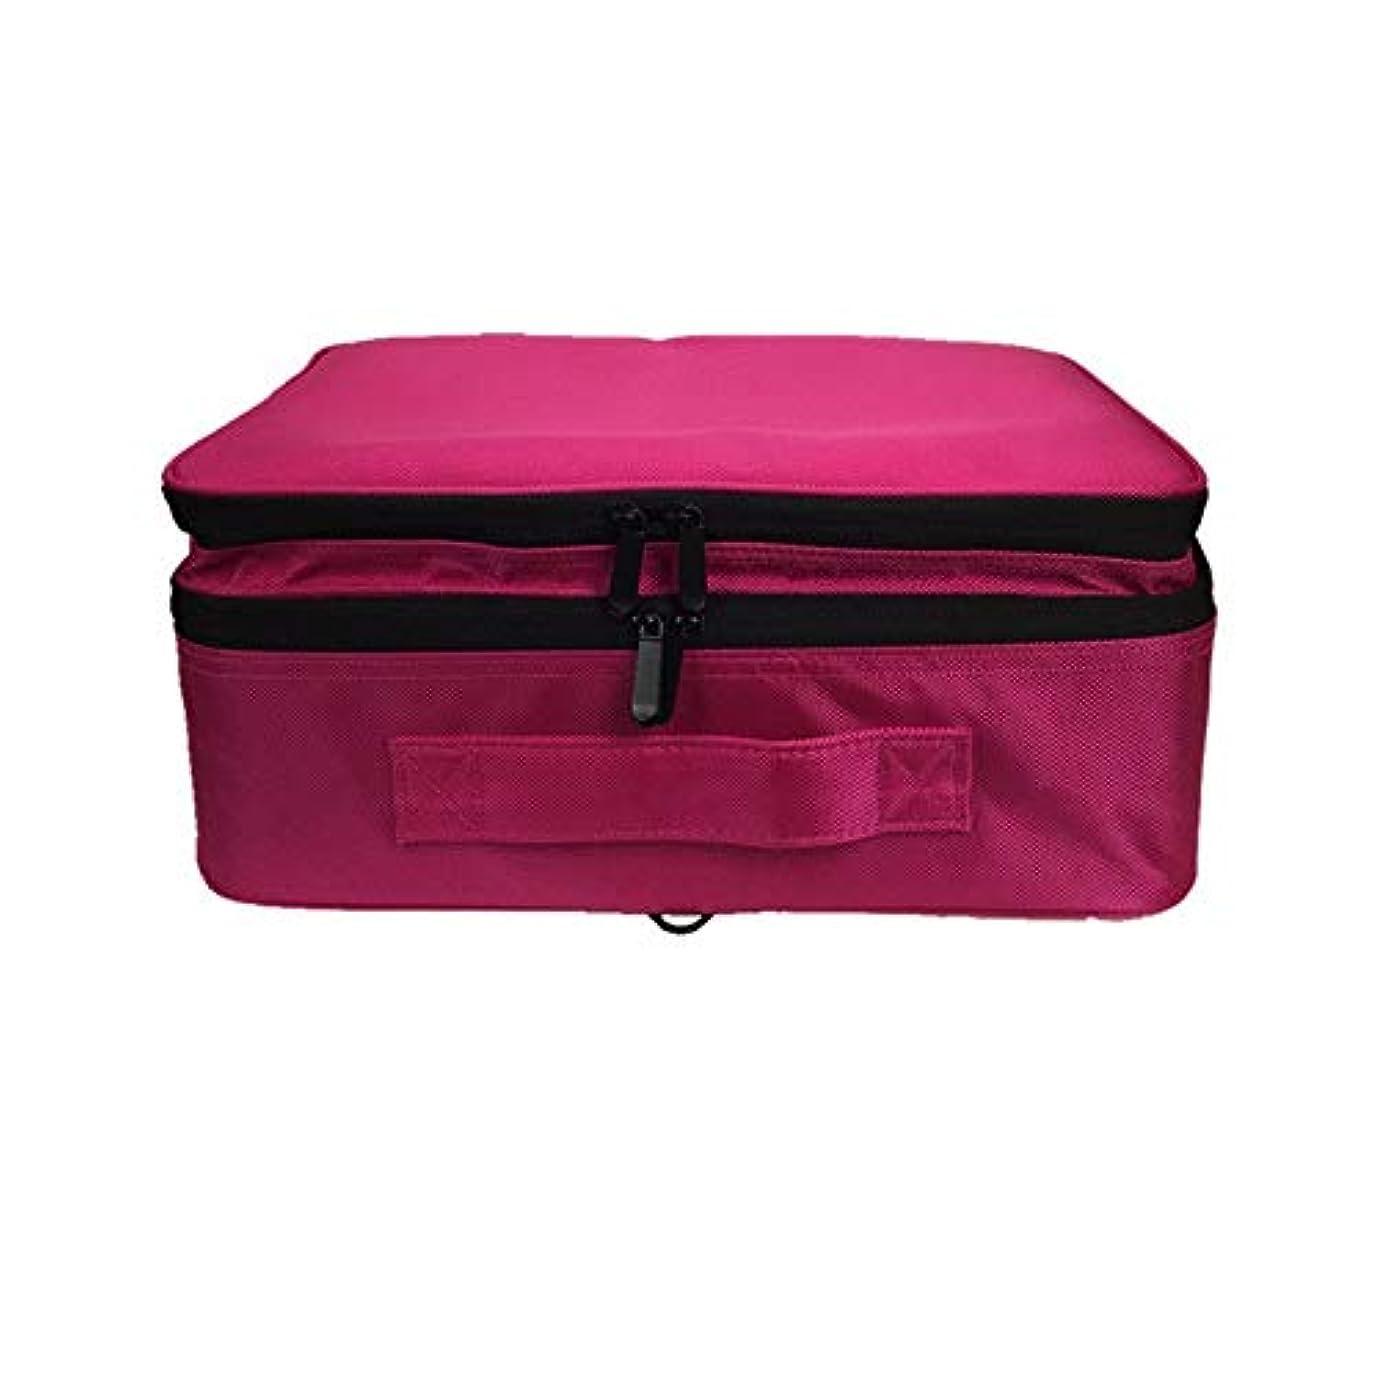 リフト郵便局矩形特大スペース収納ビューティーボックス 女の子の女性旅行のための新しく、実用的な携帯用化粧箱およびロックおよび皿が付いている毎日の貯蔵 化粧品化粧台 (色 : 赤)